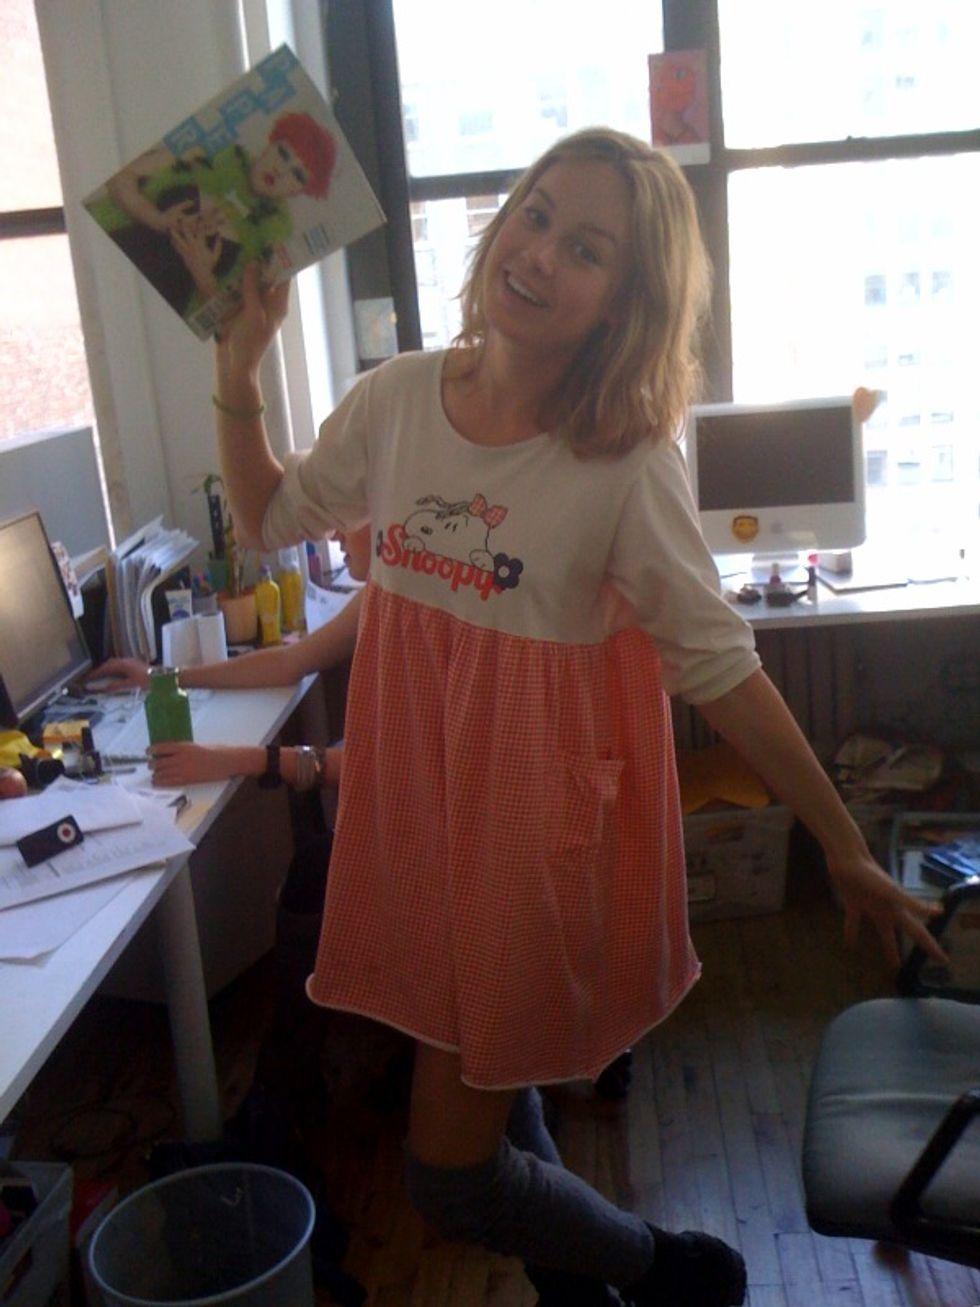 Brie Larson's Meet 'n' Greet Turns into a Meet 'n' Hang!